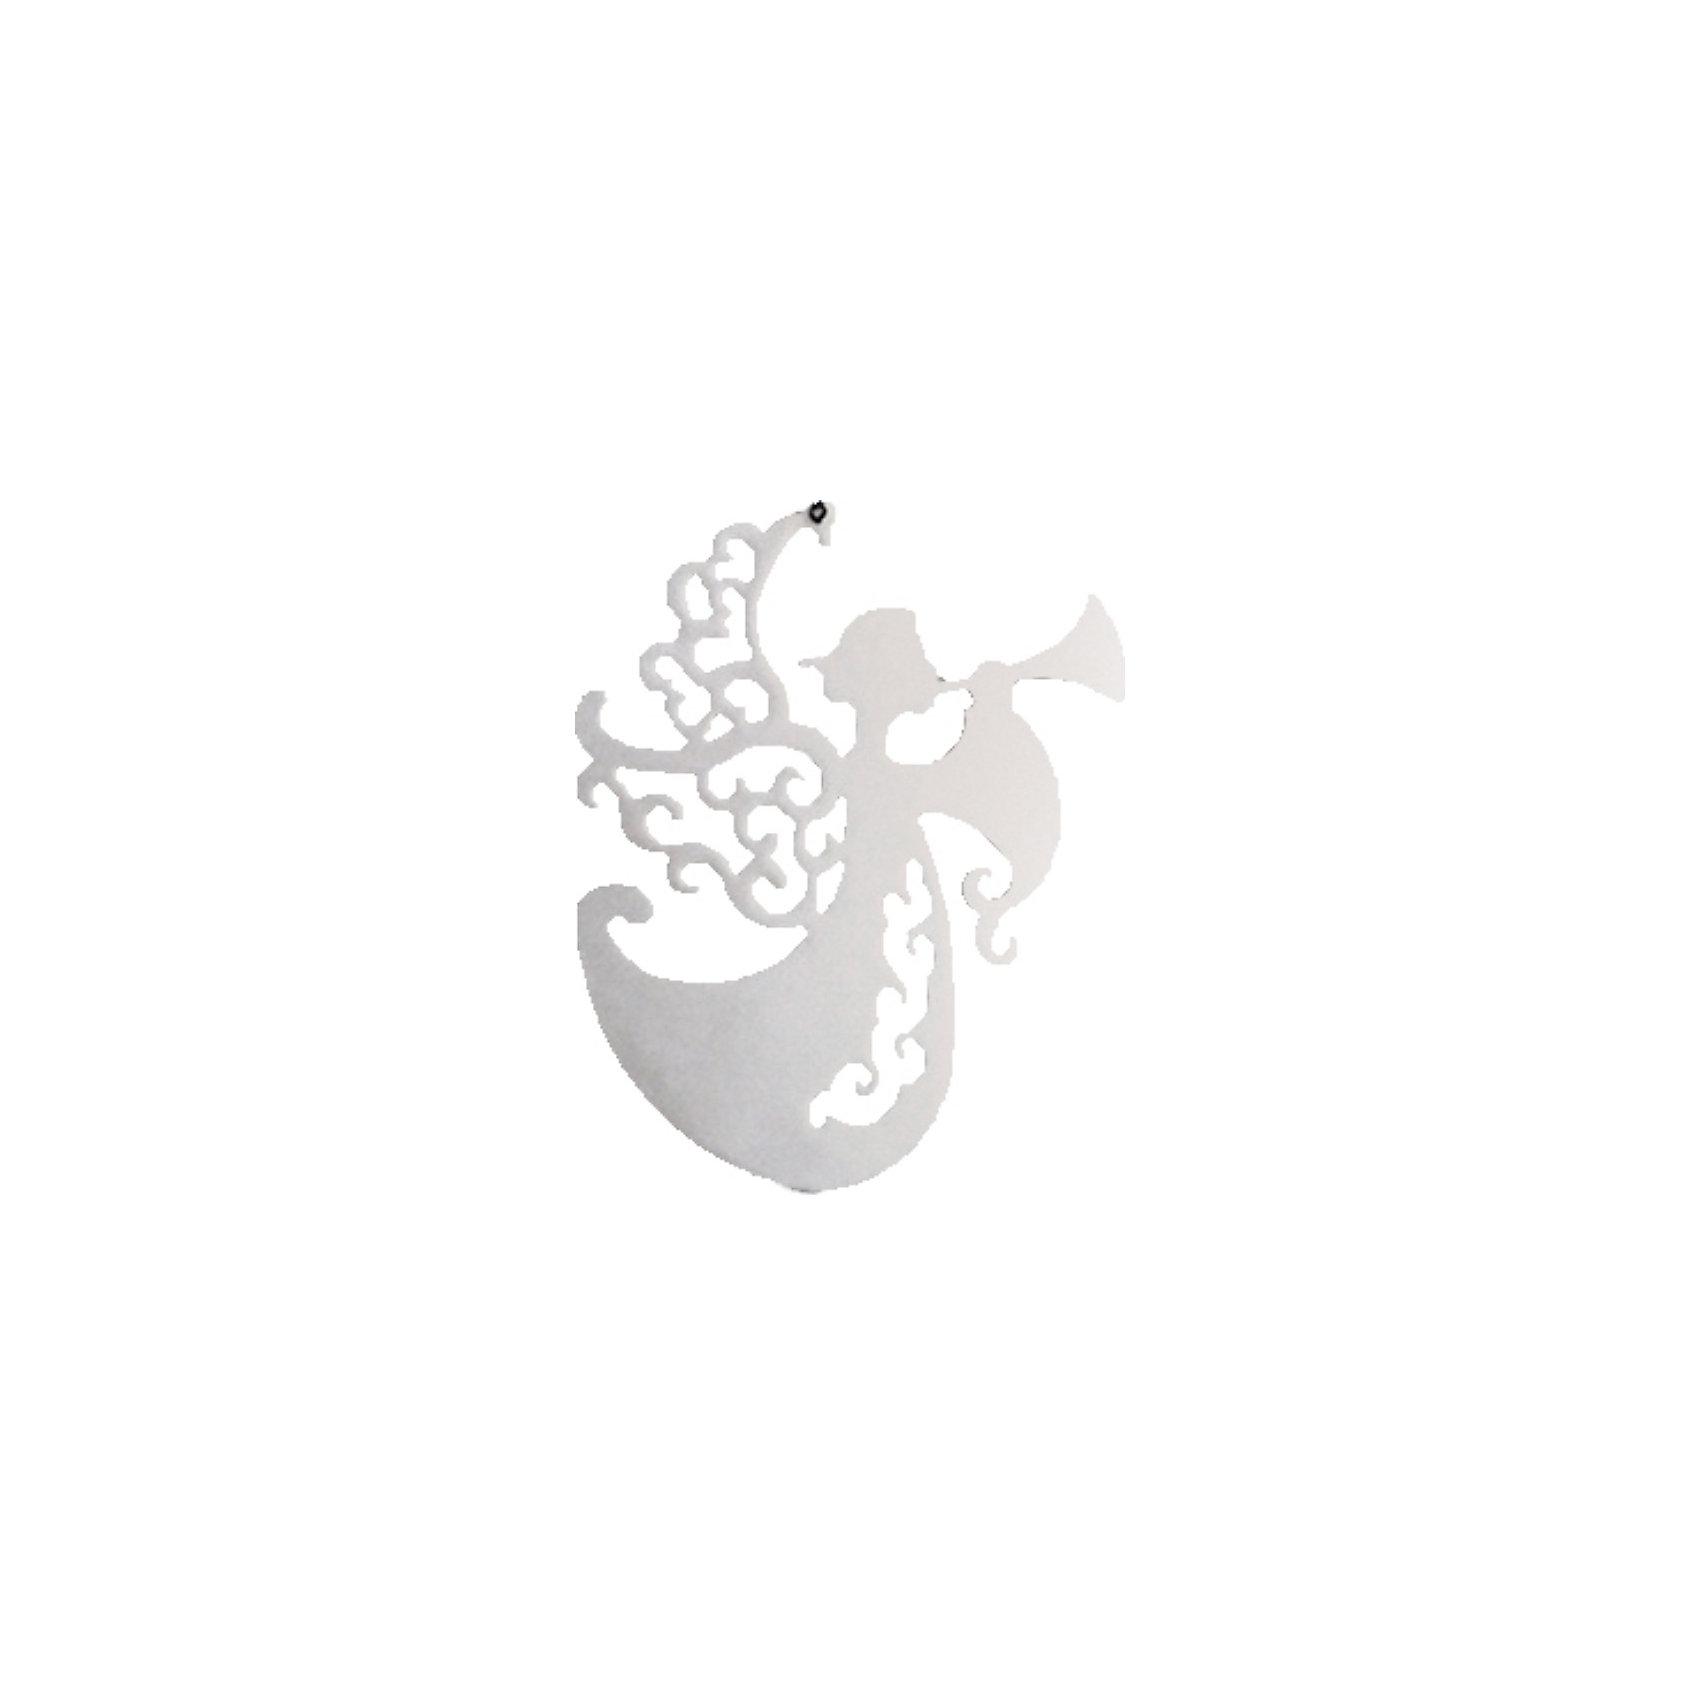 Волшебная Страна Металлическая подвеска Ангел с дудочкой , Волшебная страна